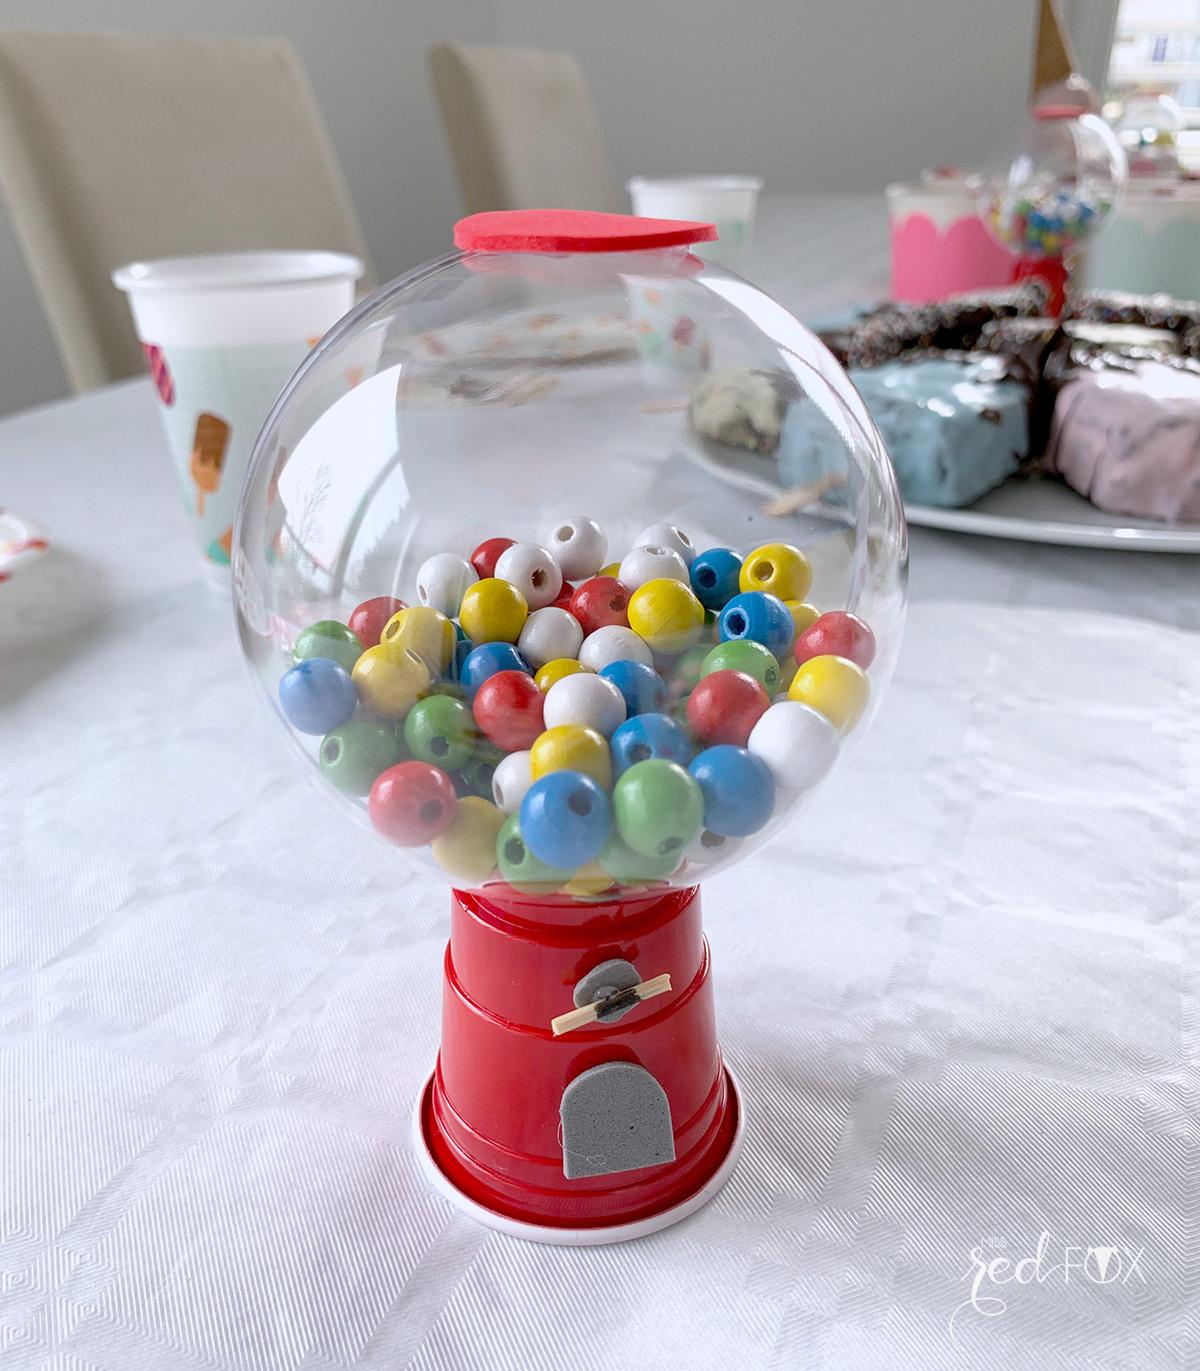 missredfox - Eiscreme & Candy Geburtstag - 18